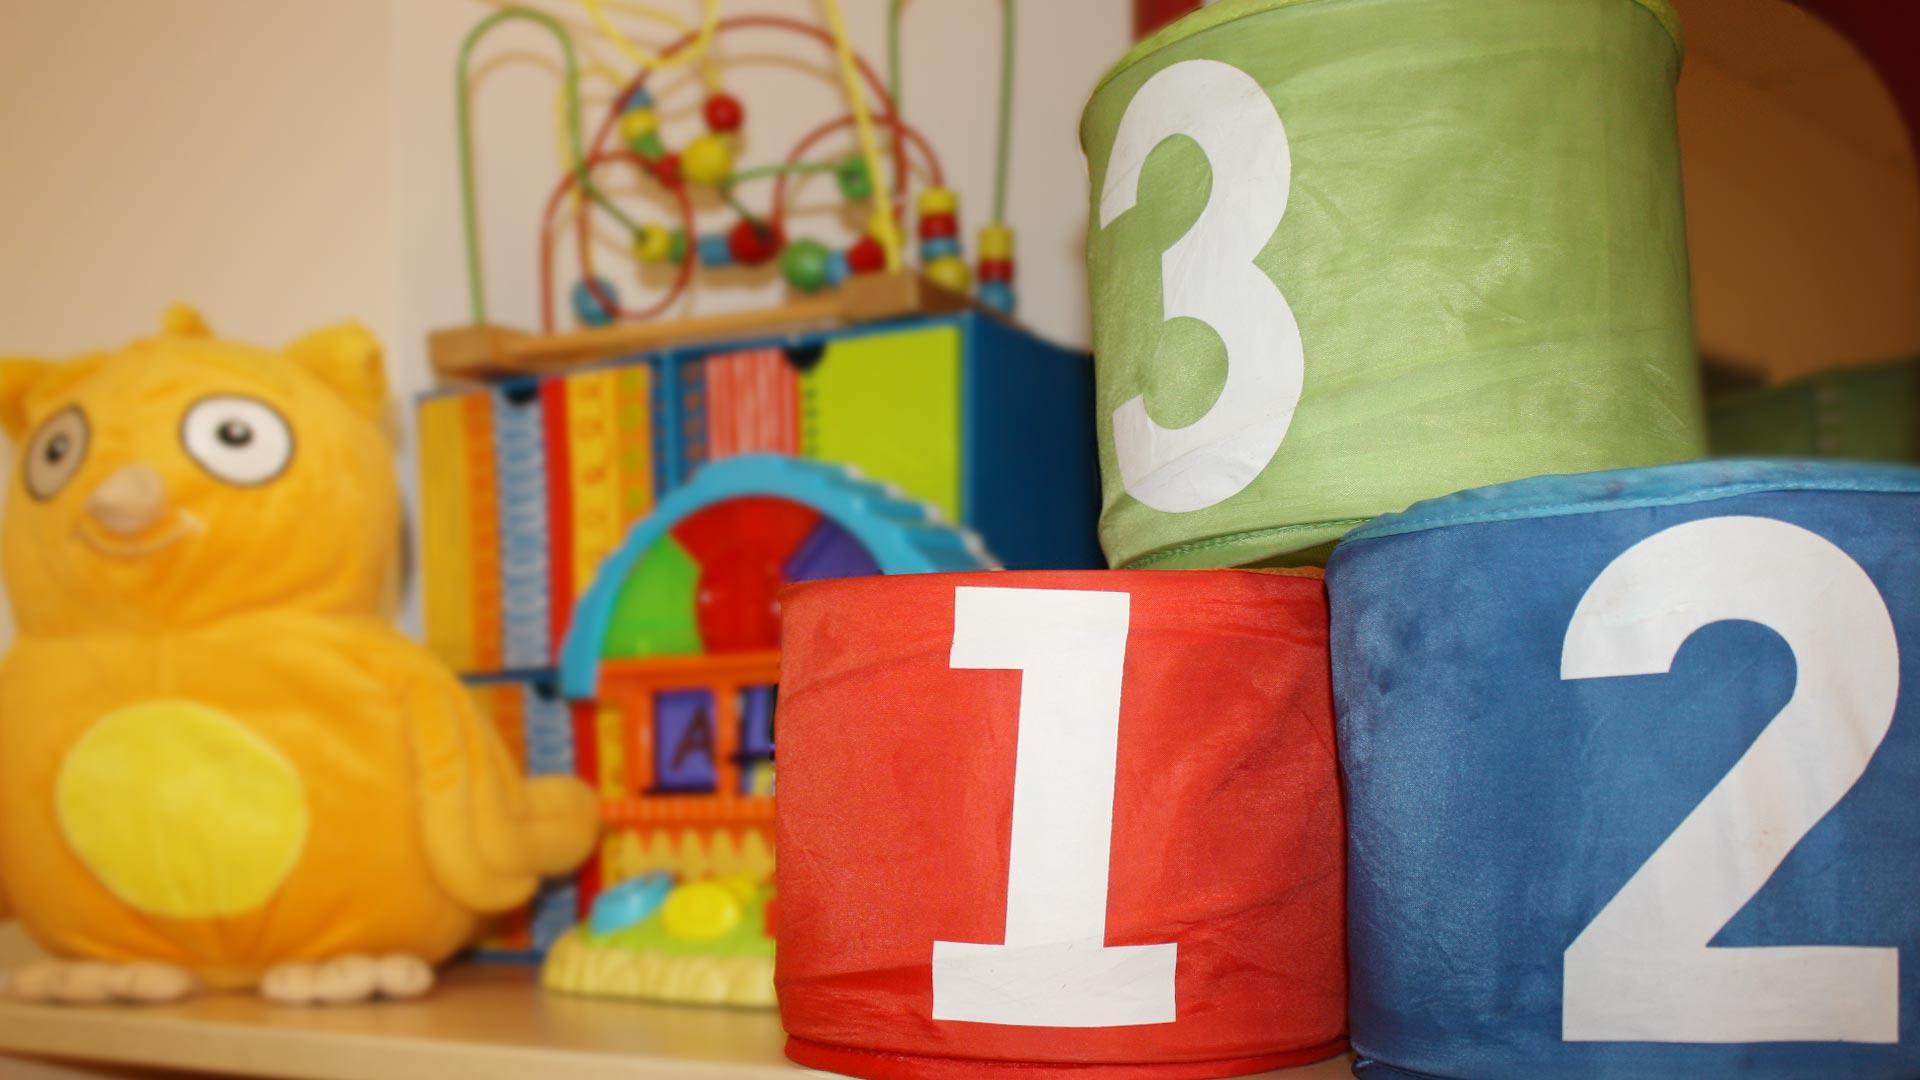 Detalle de juguetes - Imagen de galería del Centro de Educación Infantil Gibralfaro